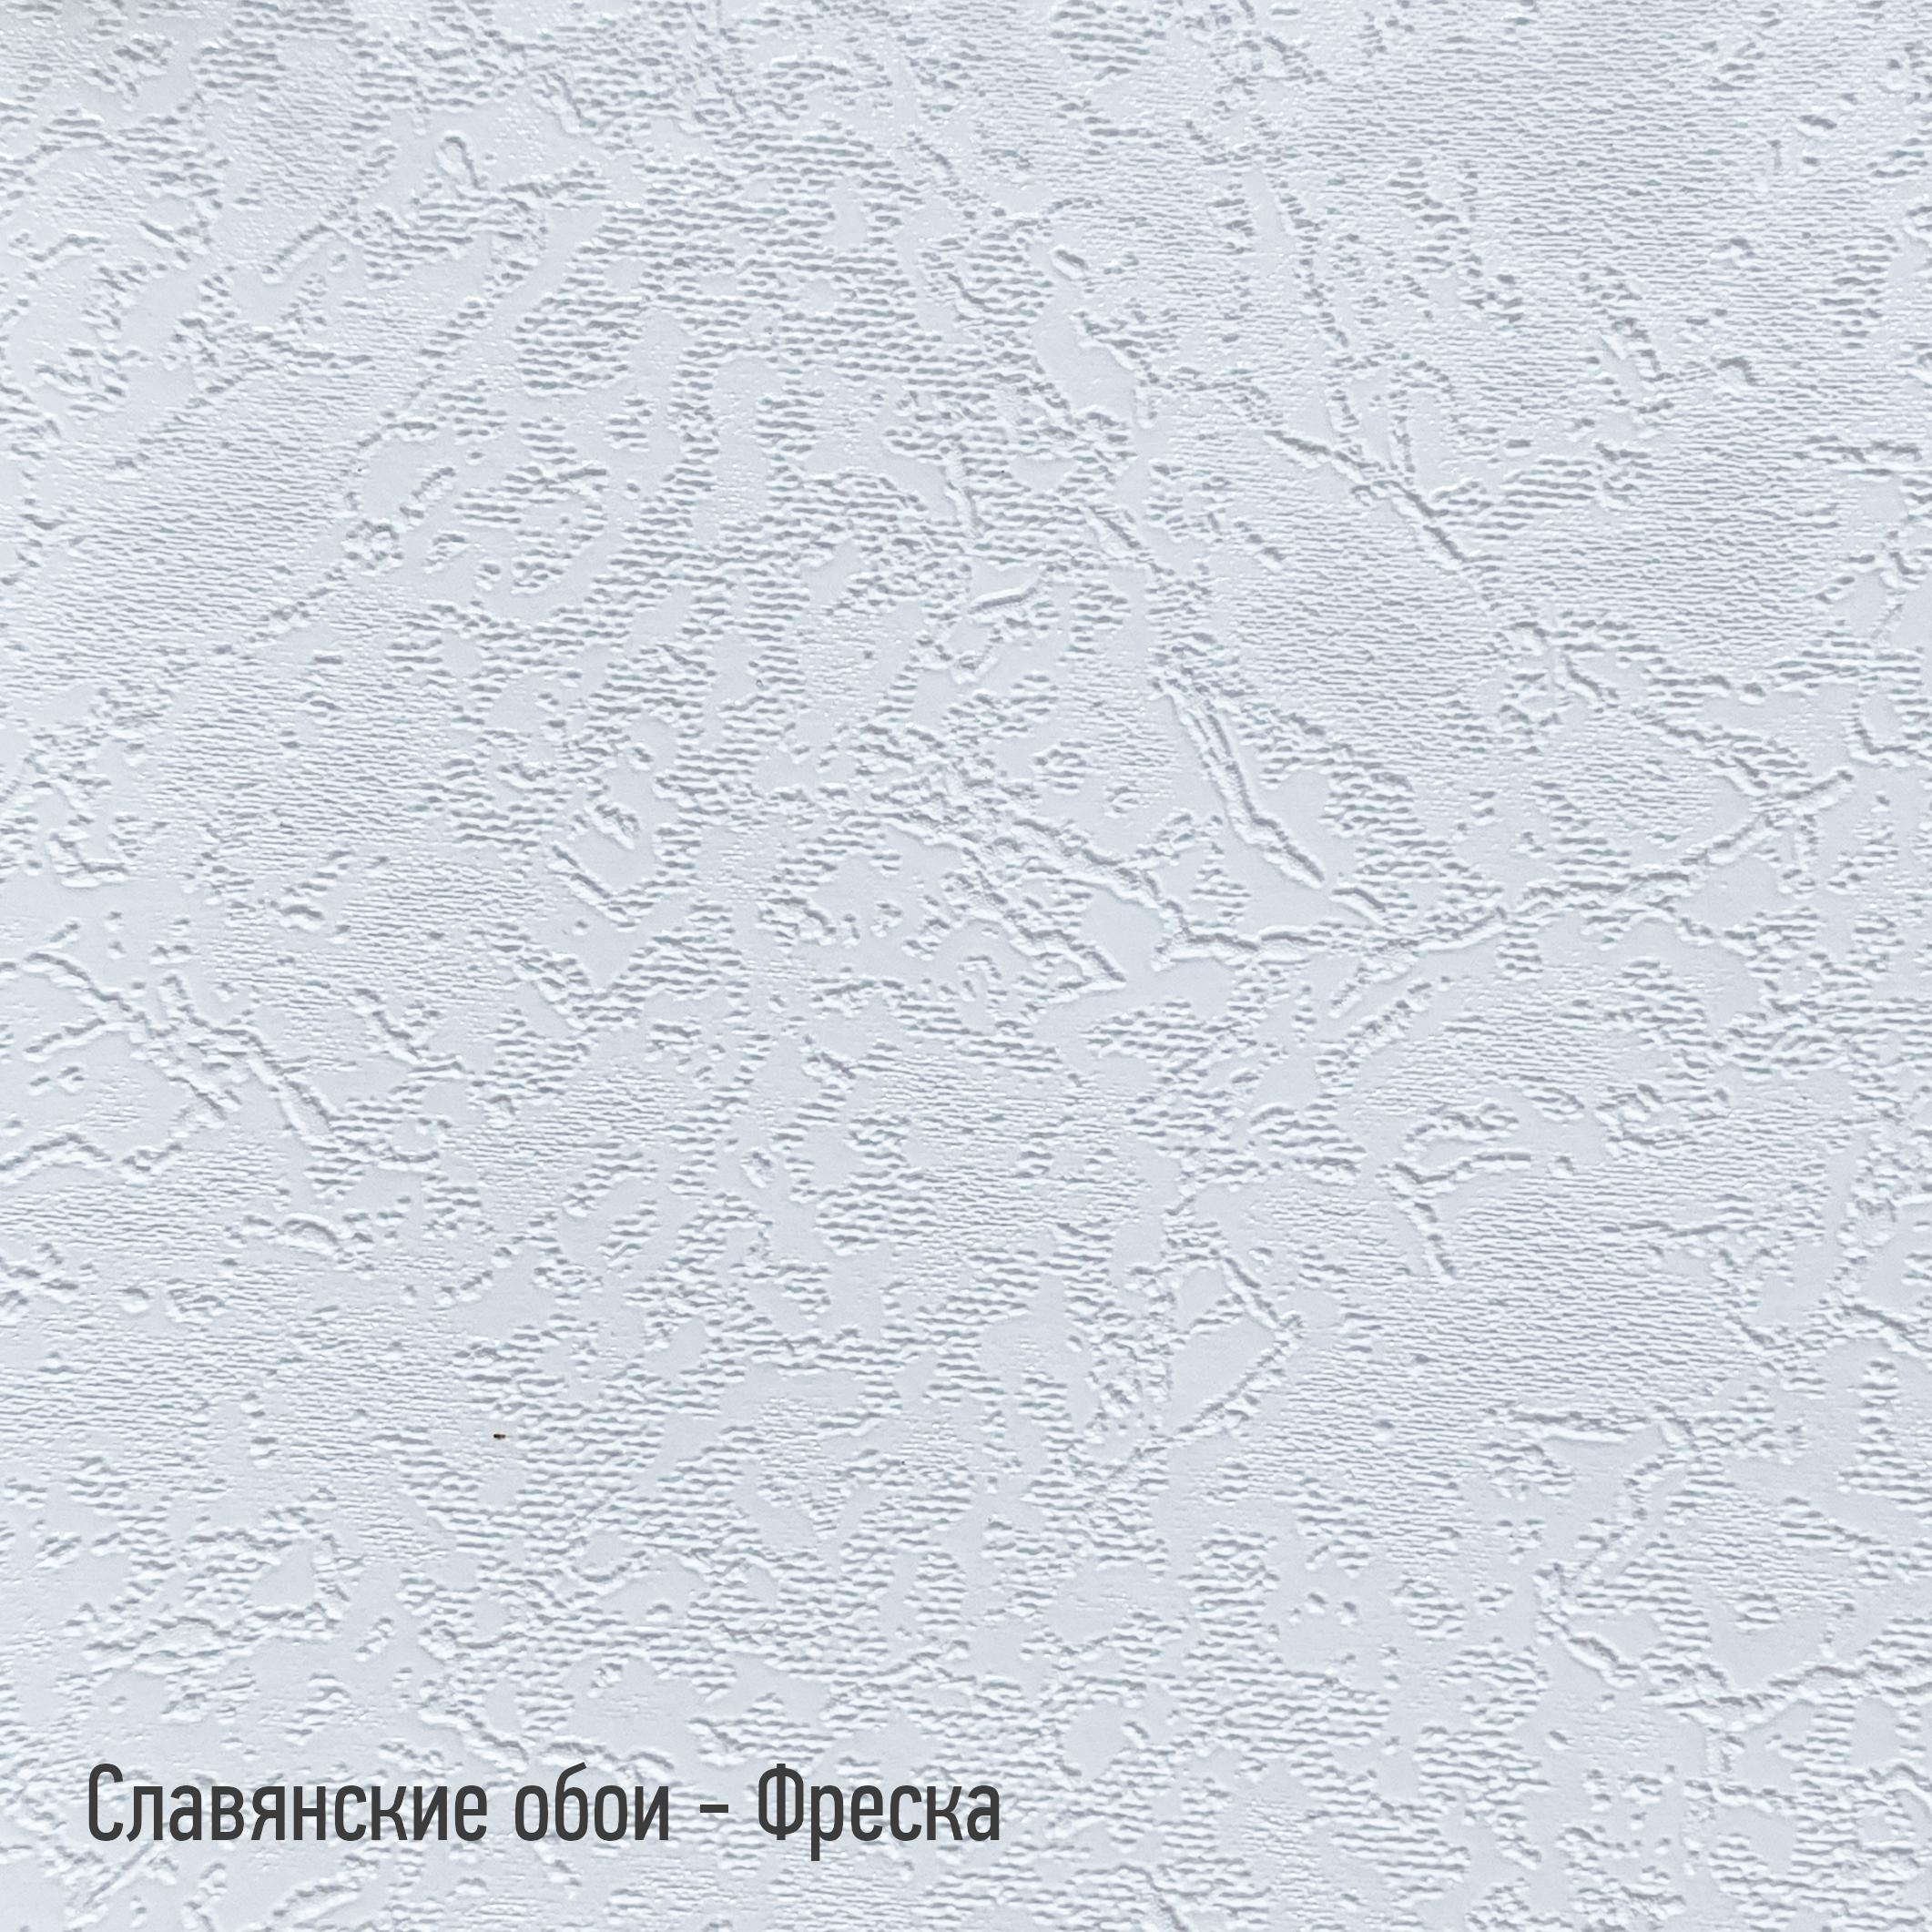 Славянские обои Фреска - фото №1